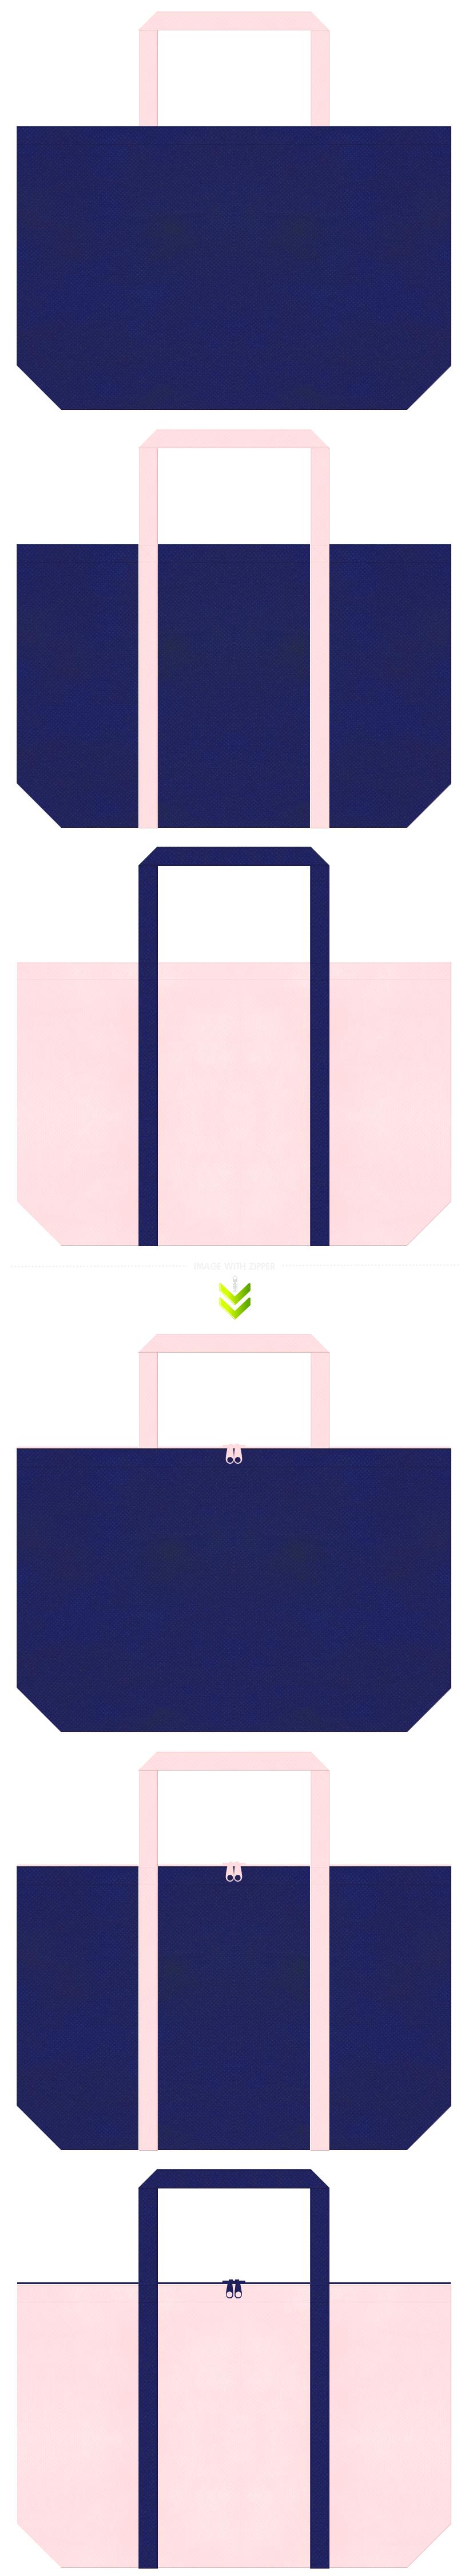 学校・学園・オープンキャンパス・学習塾・レッスンバッグ・夏浴衣のショッピングバッグにお奨めの不織布バッグデザイン:明るい紺色と桜色のコーデ